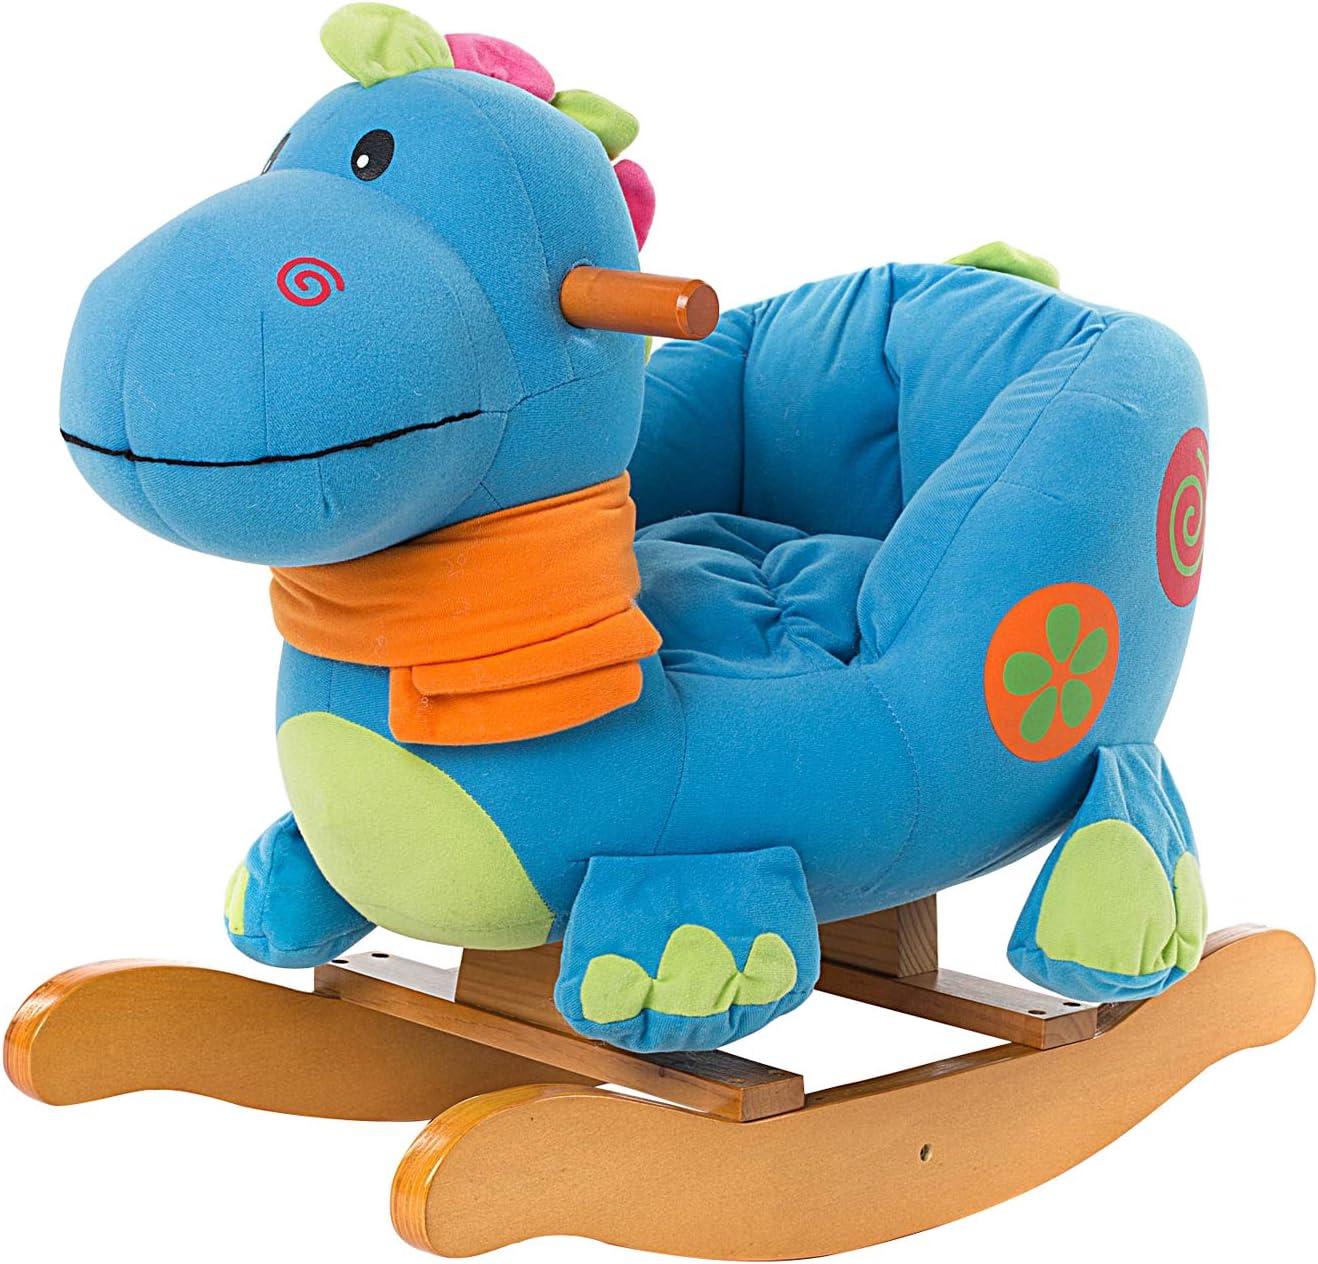 Labebe Caballito Balancin Bebé, Caballito Madera De Dinosaurio Azul para Niño De 1-3 Años, Turnraise Balancin/Caballo Balancin Bebé/Caballito Balancin Madera/Columpio Balancin Bebé…